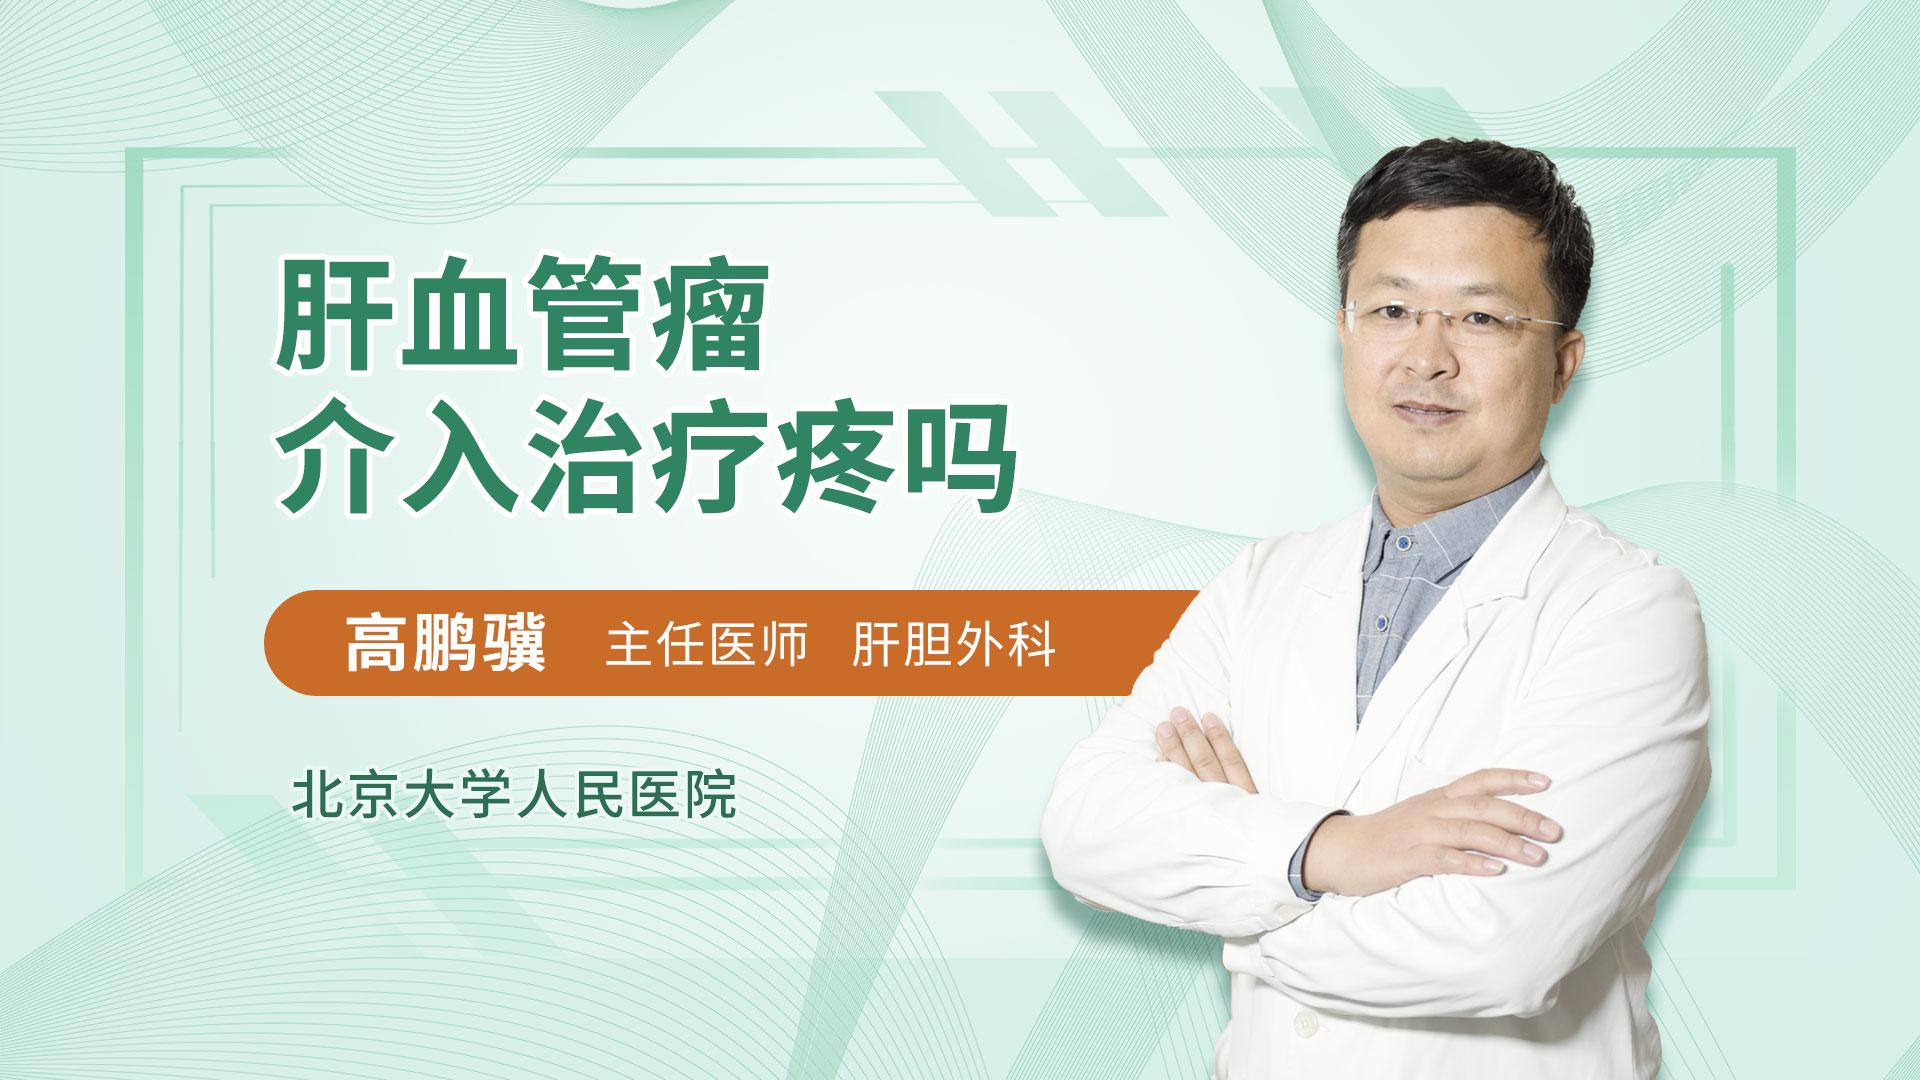 肝血管瘤介入治疗疼吗